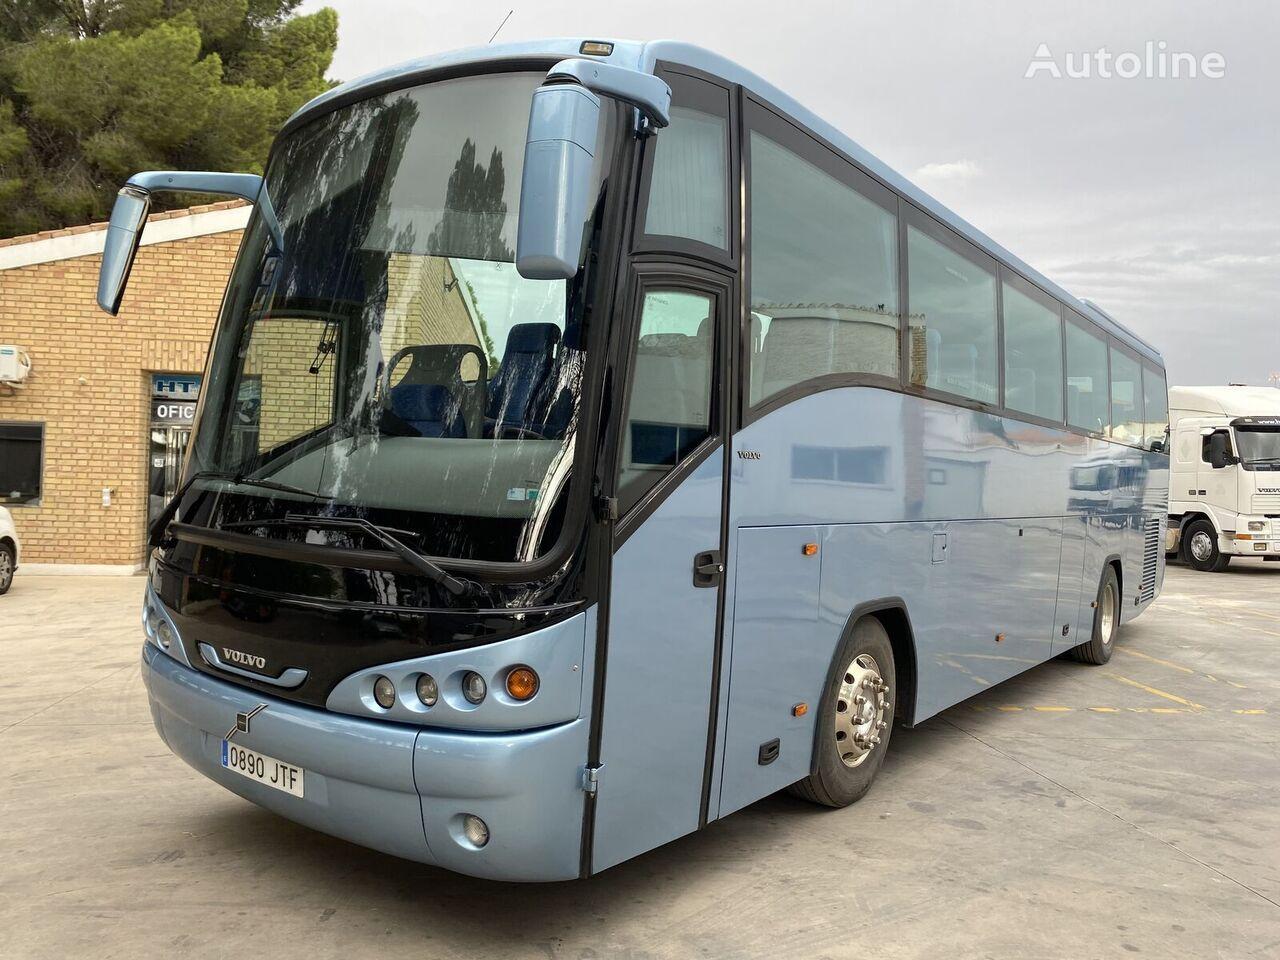 VOLVO B12 ANDECAR autobús de turismo